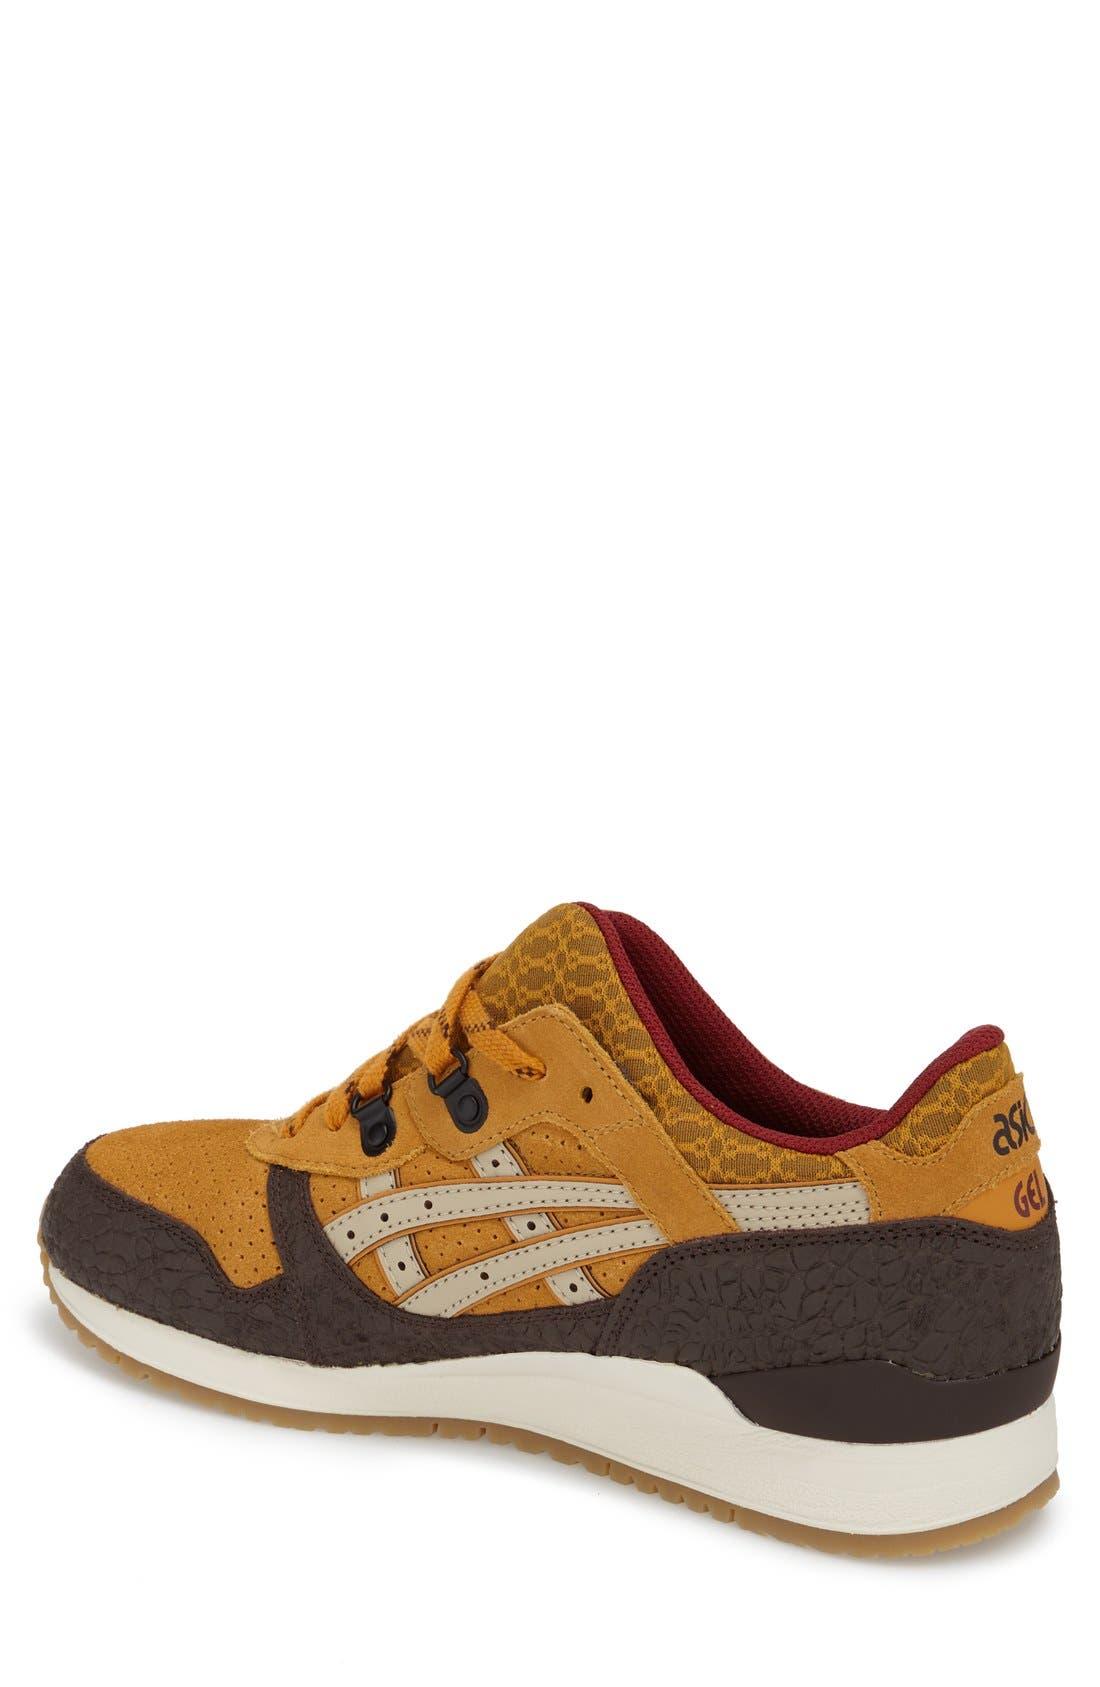 Alternate Image 2  - ASICS® 'GEL-Lyte III' Sneaker (Men)